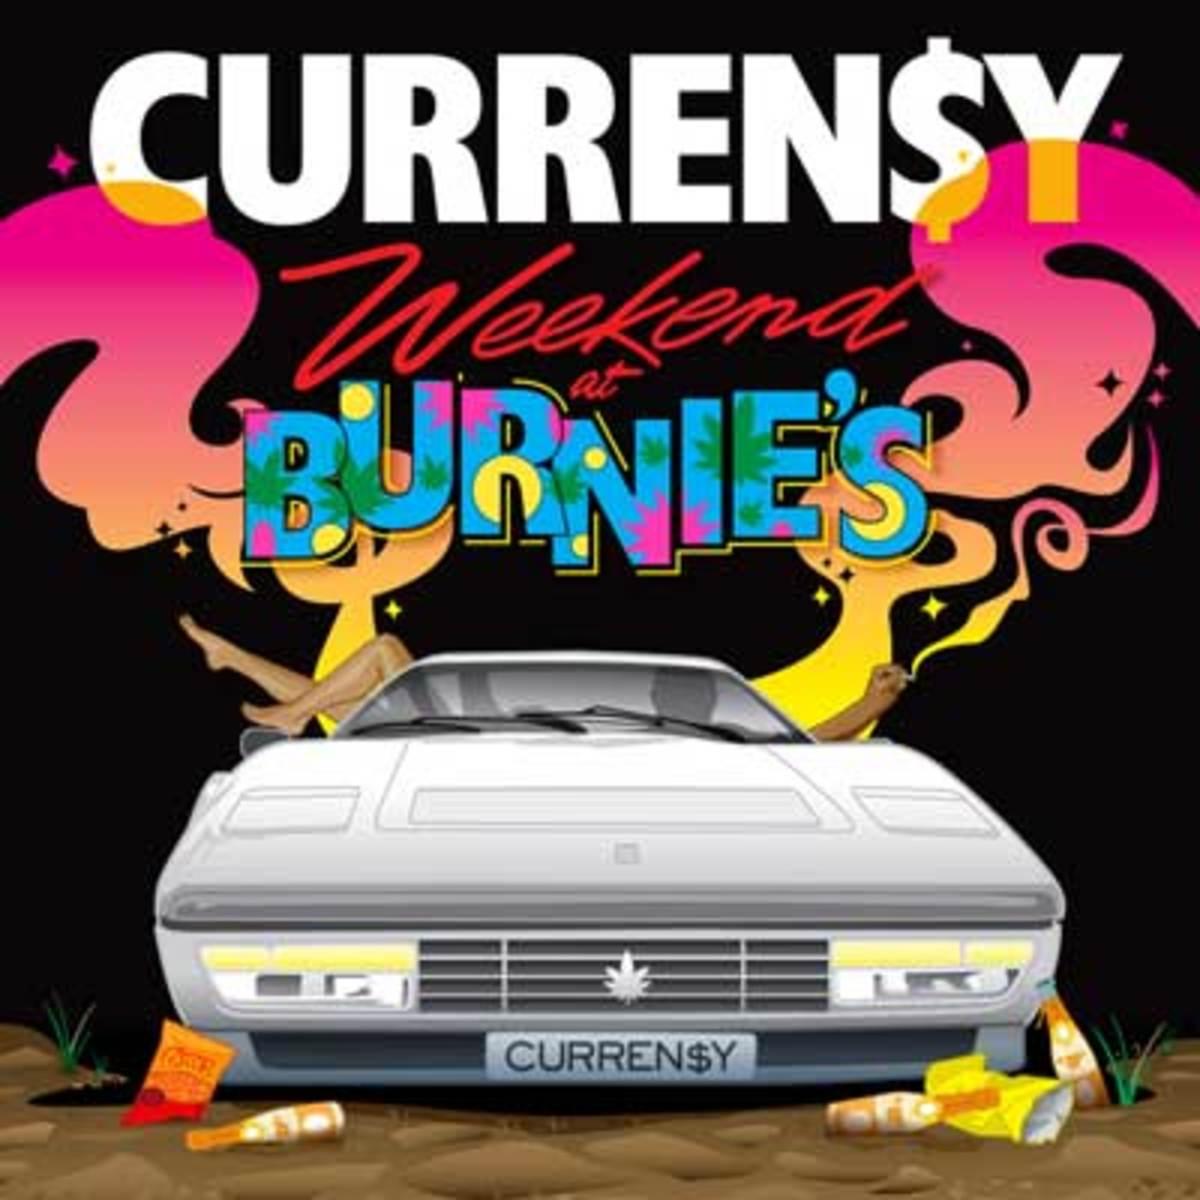 currensy-weekendatbernies.jpg